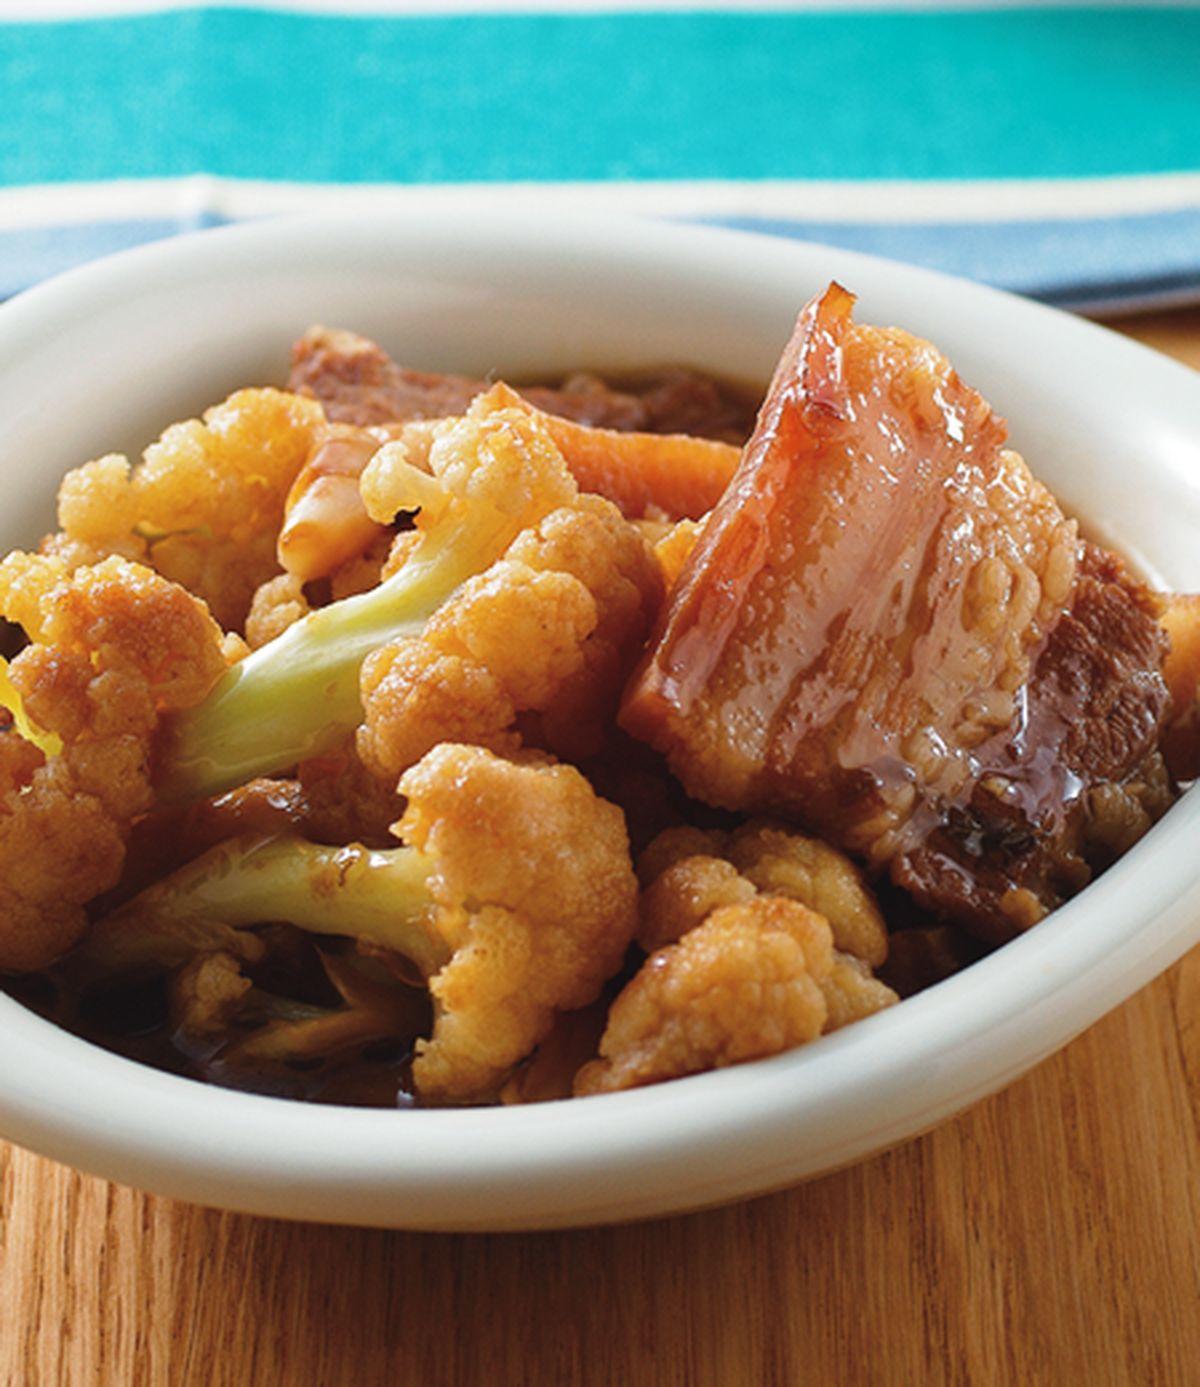 食譜:醍醐燒肉滷花椰菜